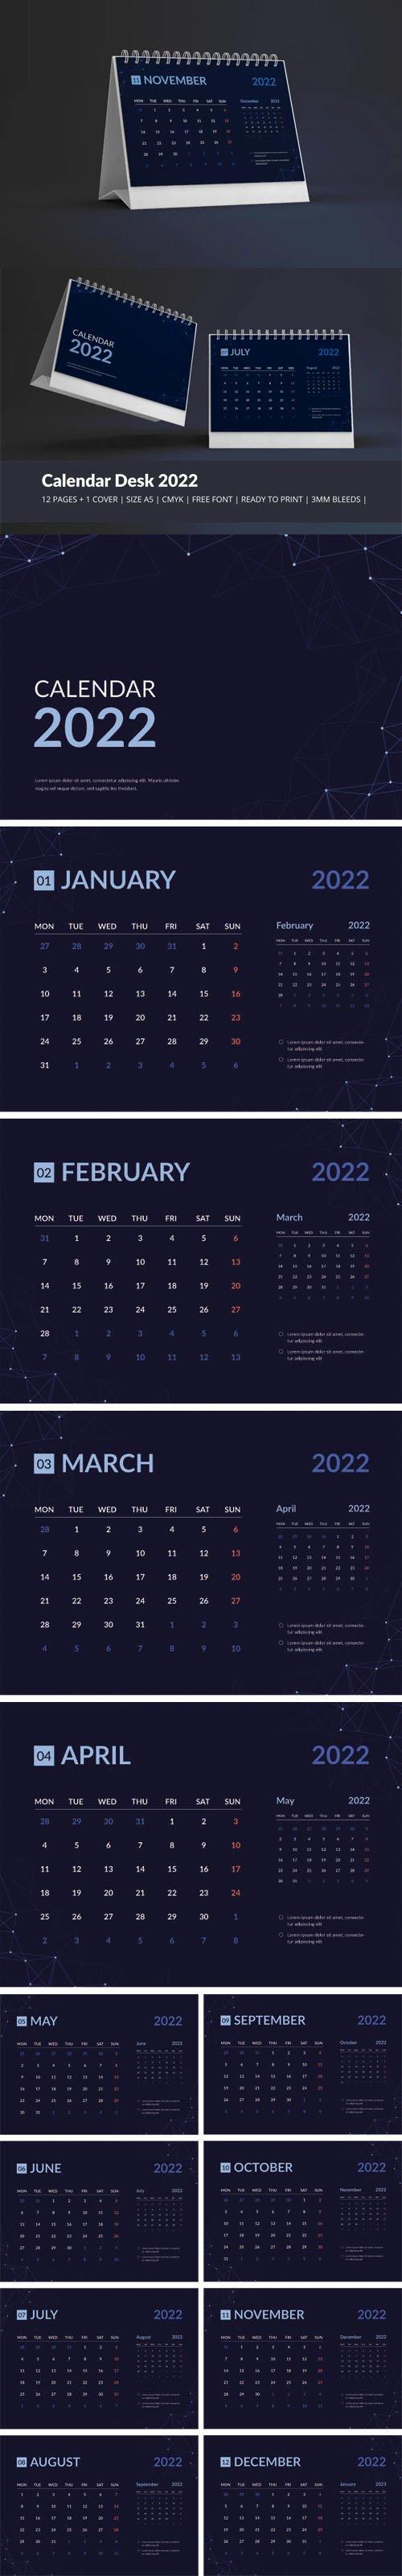 Galaxy Calendar Desk 2022 Theme Vector Template